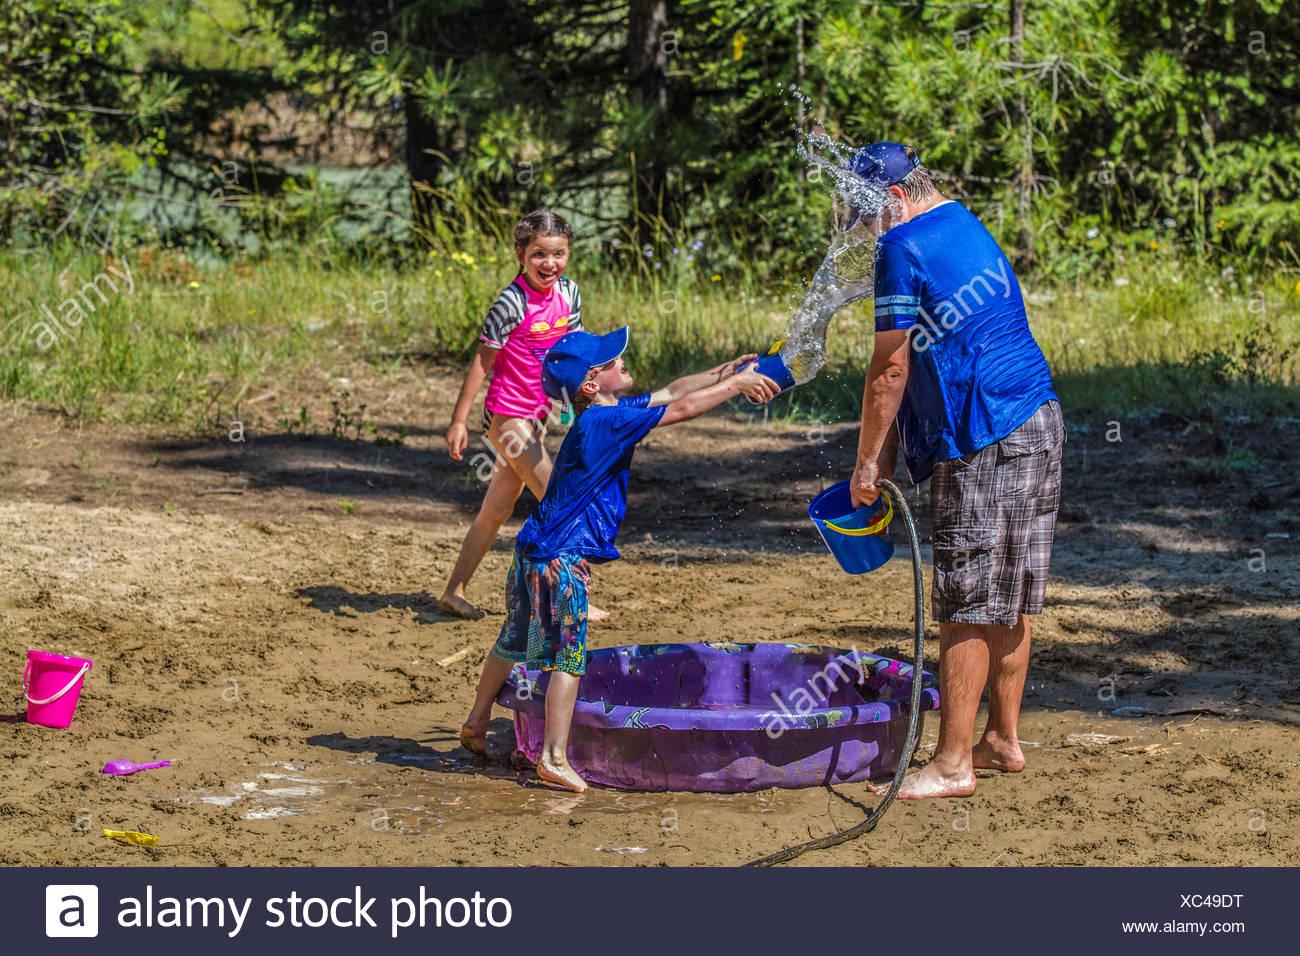 Per adulti e bambini in acqua playfull lotta , su una calda e soleggiata giornata estiva. Cranbrook, British Columbia, Canada. Foto Stock